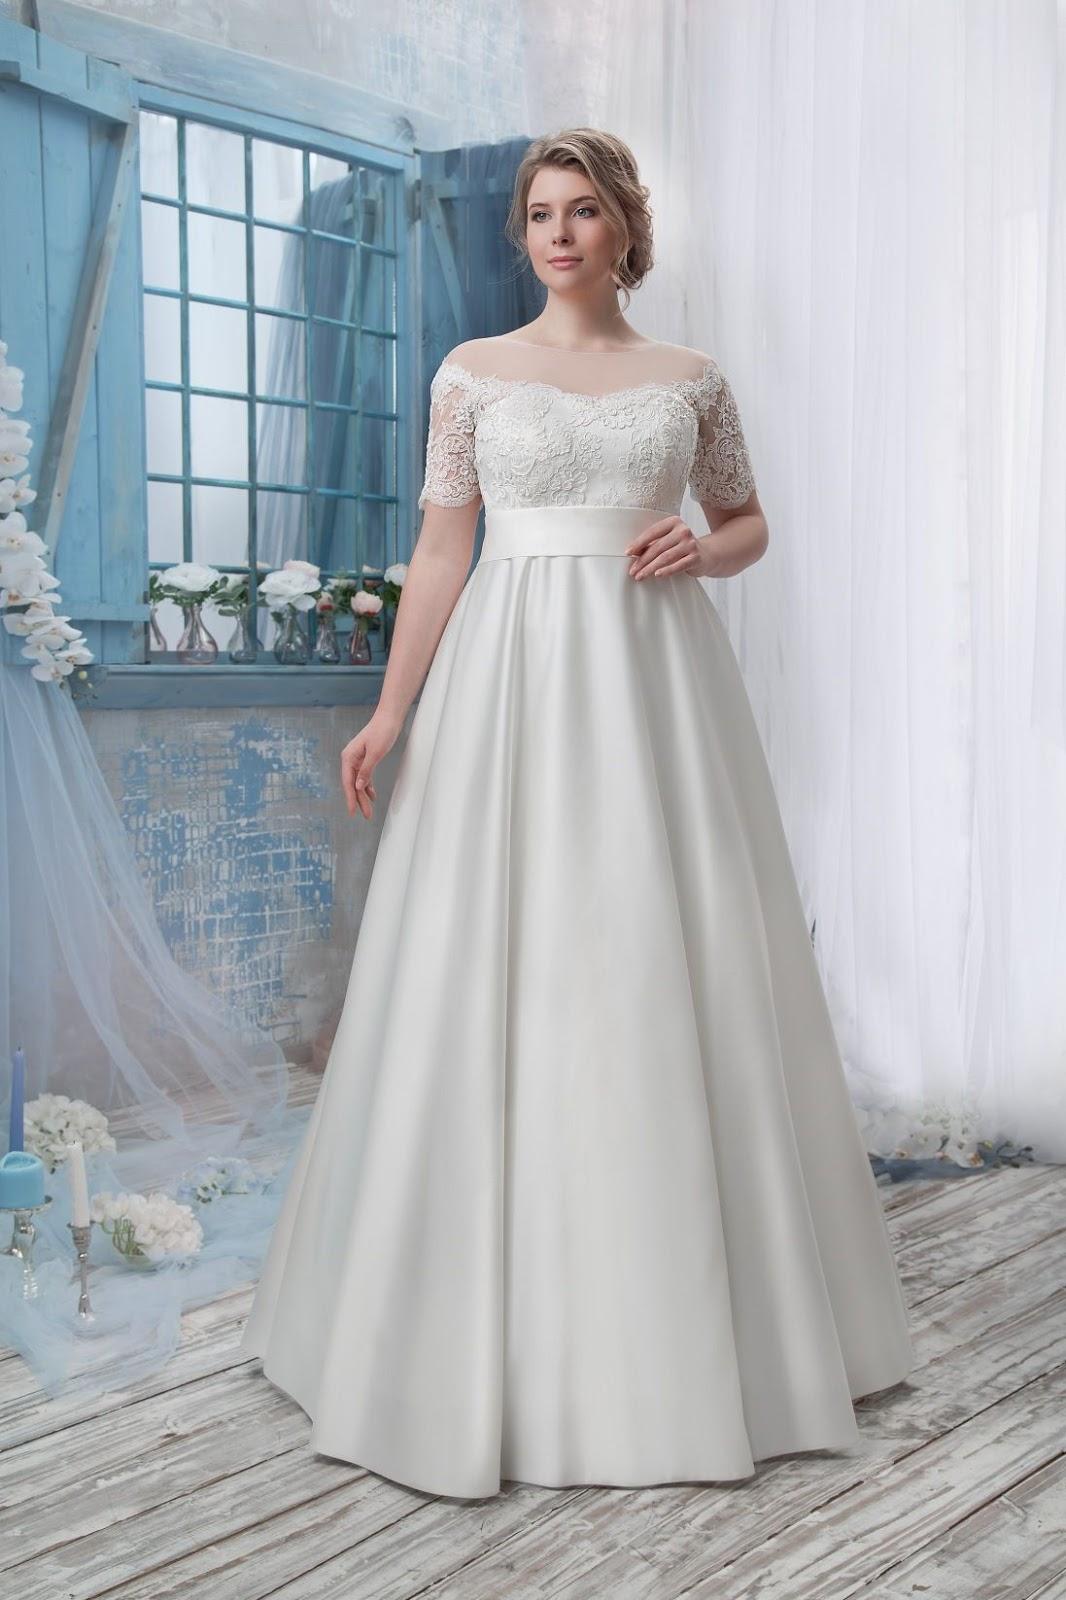 Vestidos de novia 2019 para gorditas 2019